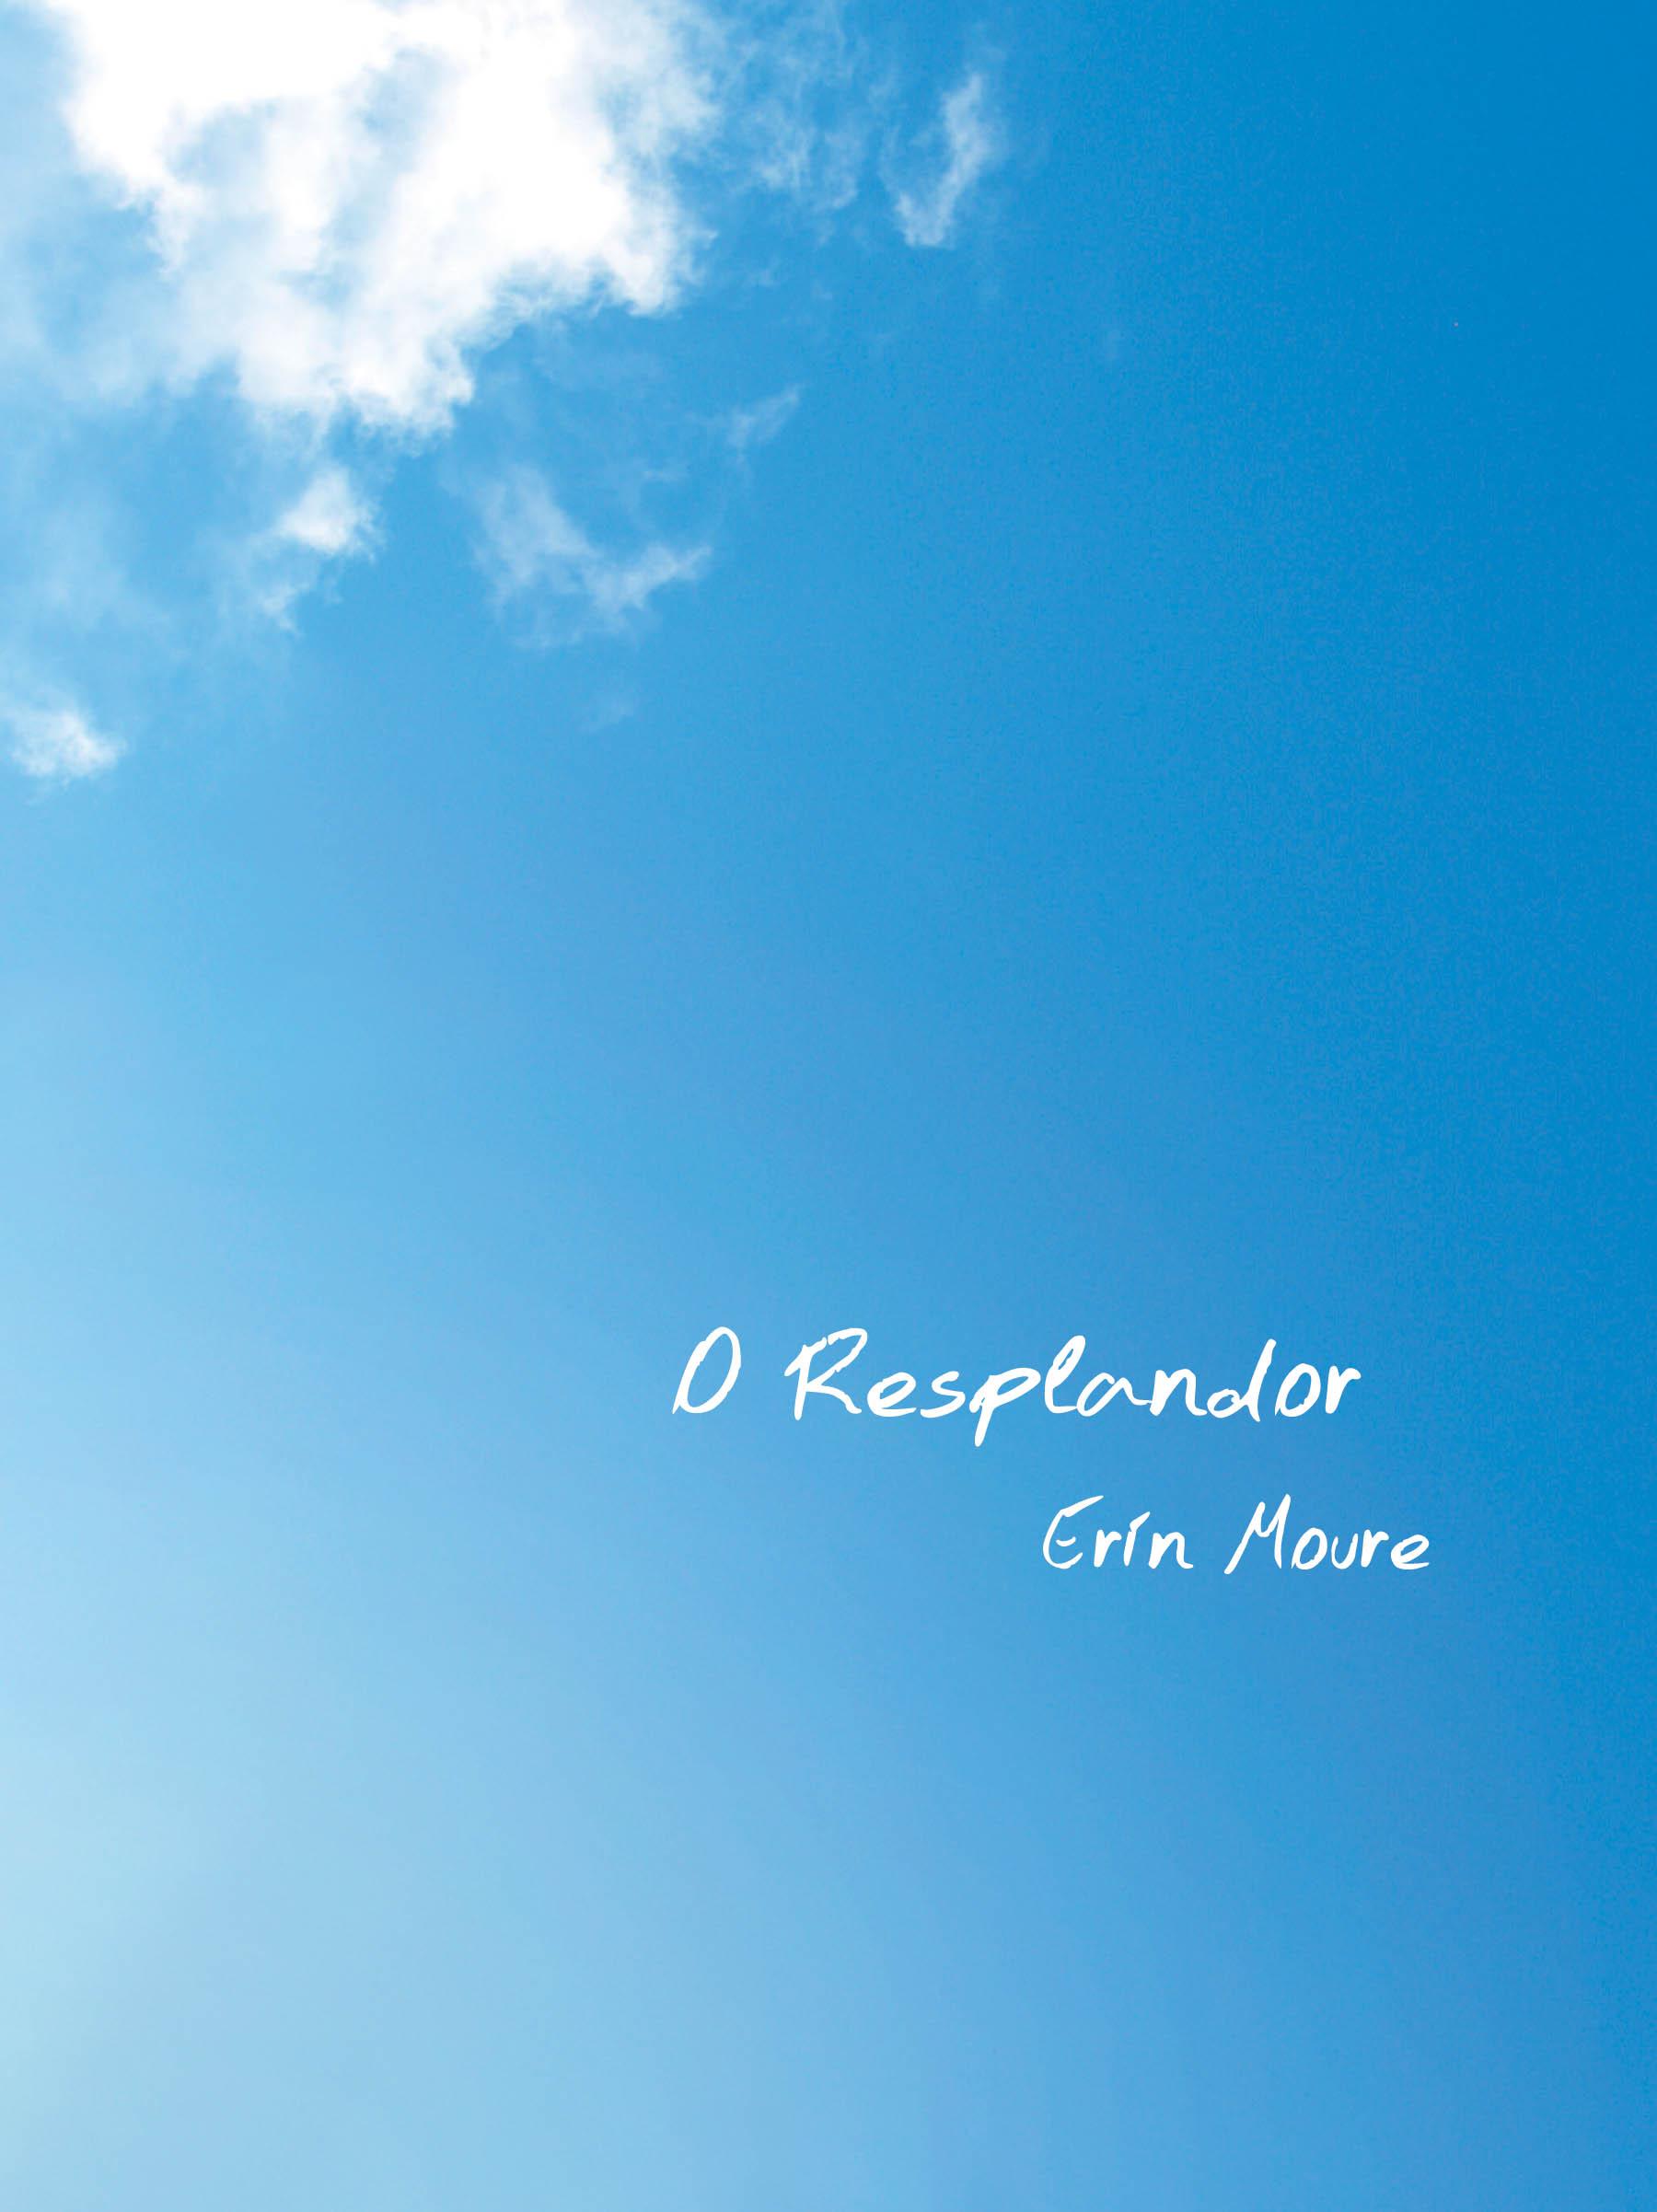 O Resplandor by Erin Moure Cover